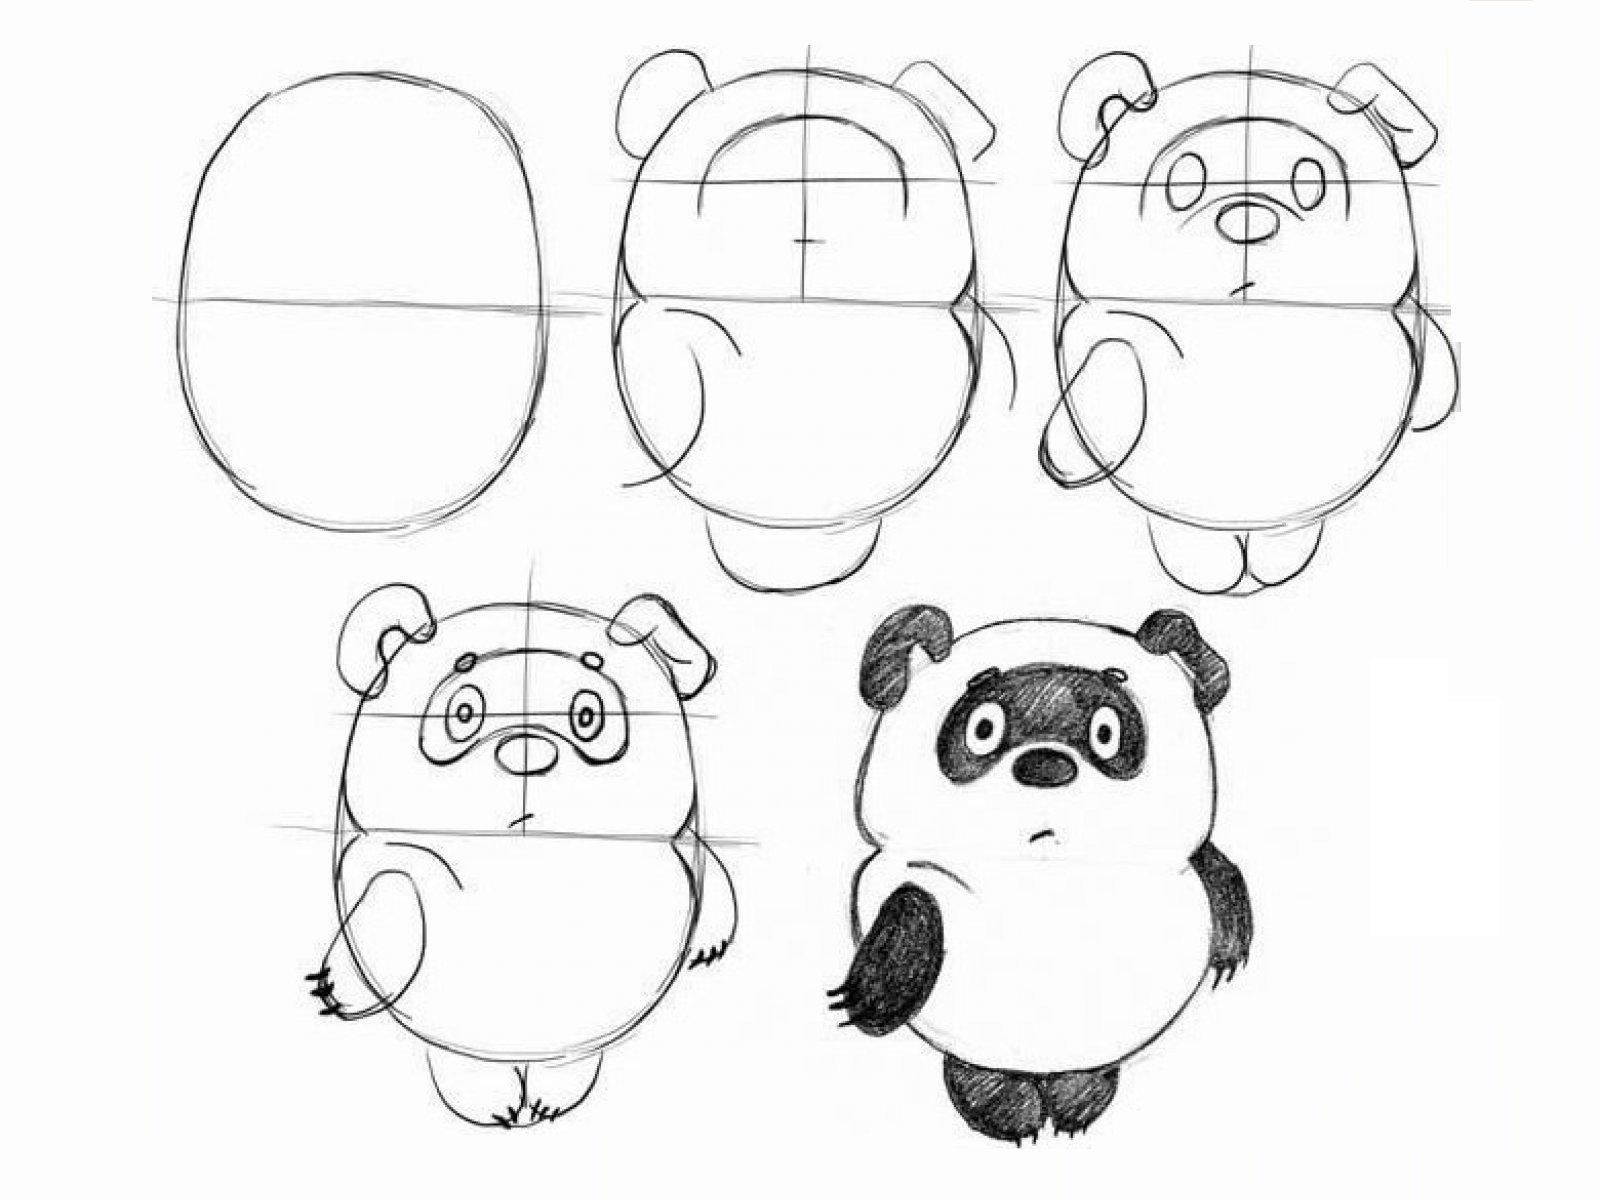 Уроки рисования карандашом для начинающих  Учимся